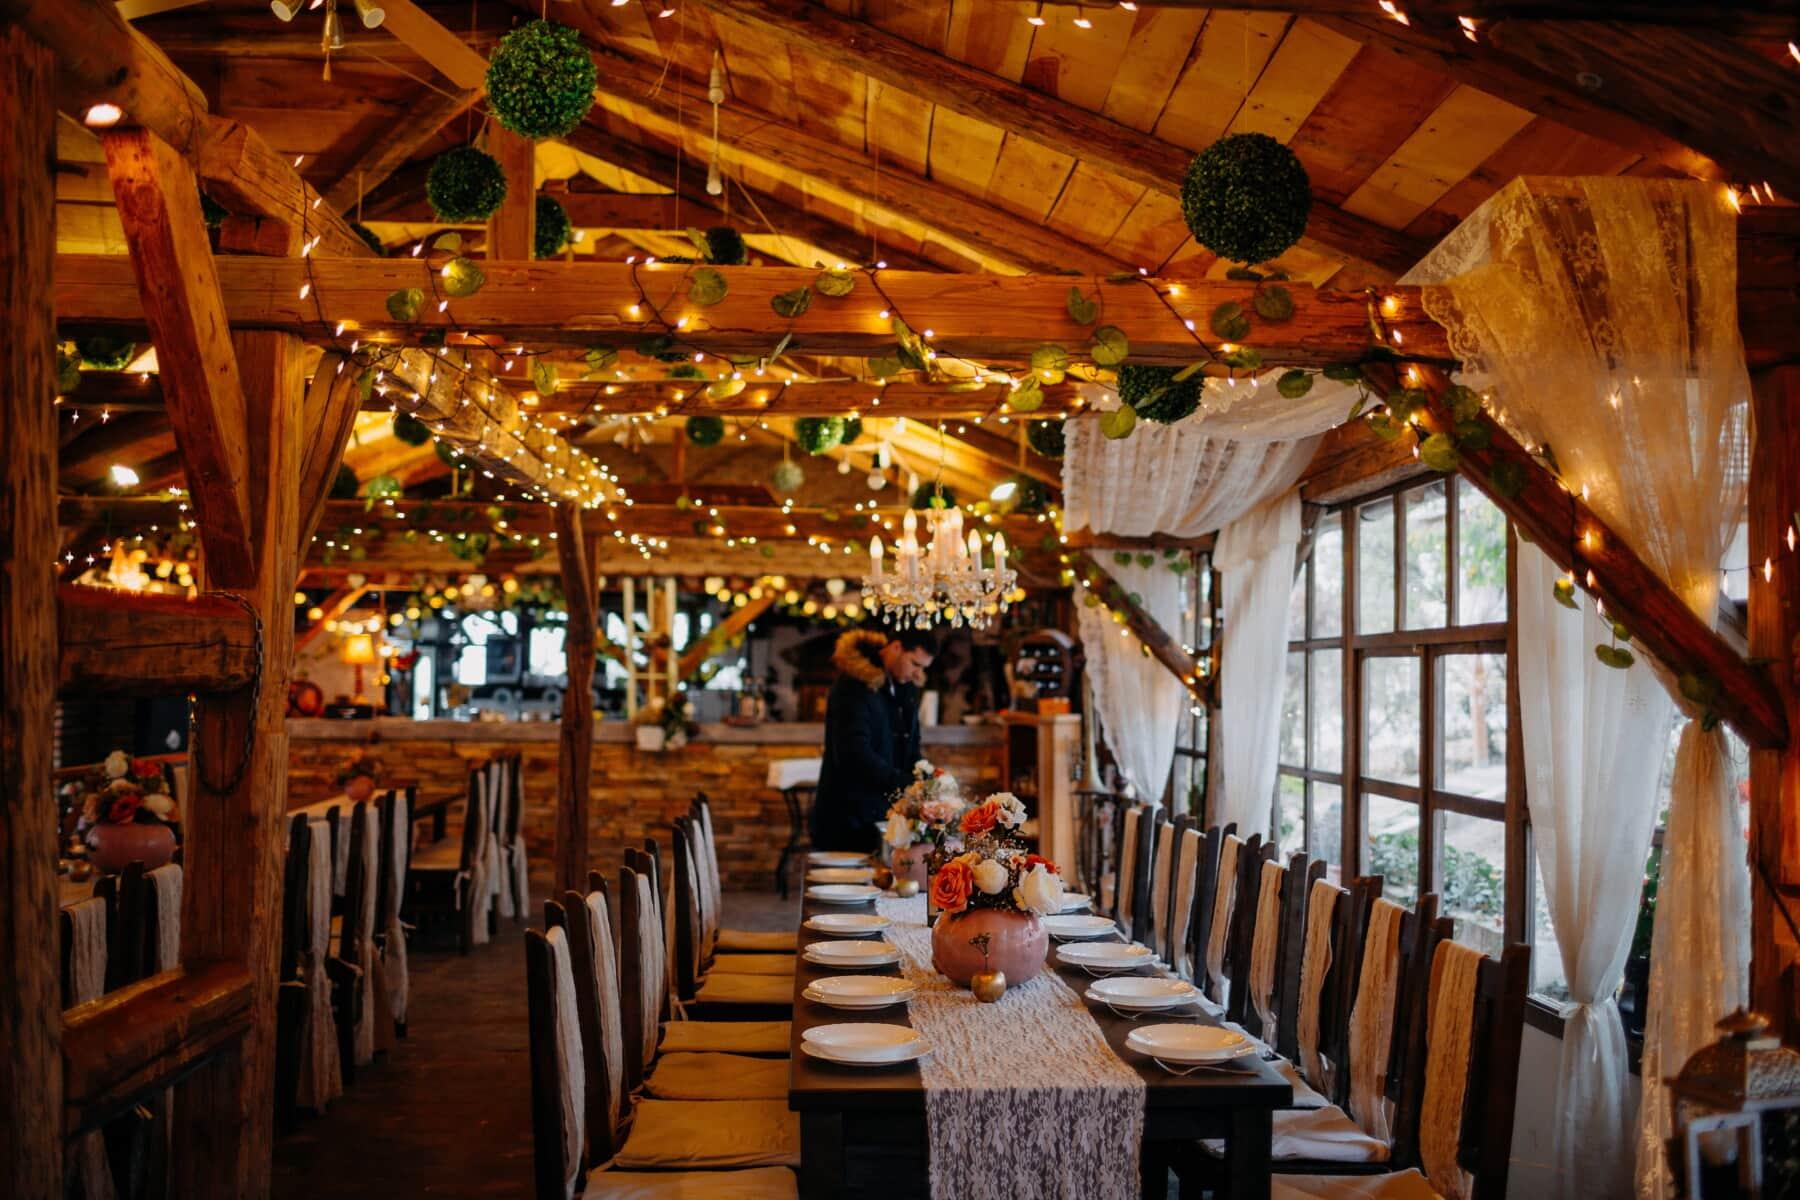 kantin, hotel, meja, kursi, desain interior, interior, arsitektur, Restoran, di dalam ruangan, kayu